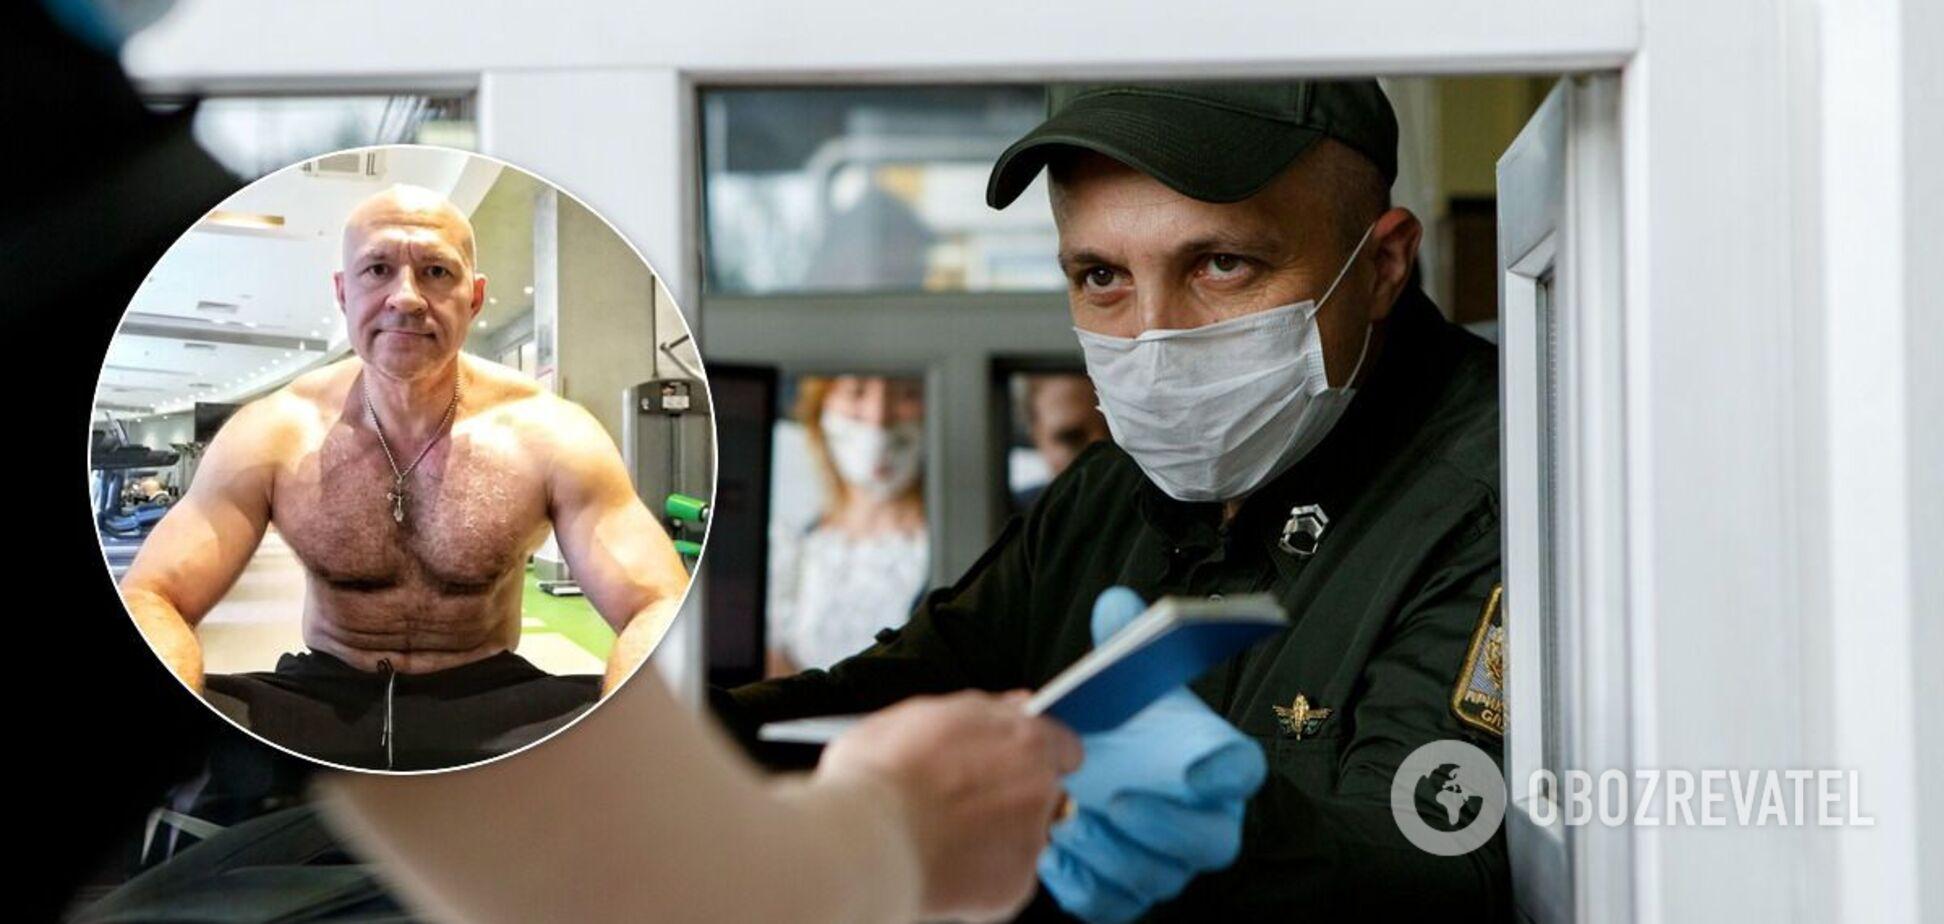 В Украину не пустили оператора пропагандистского росСМИ, замеченного в 'Миротворце'. Видео